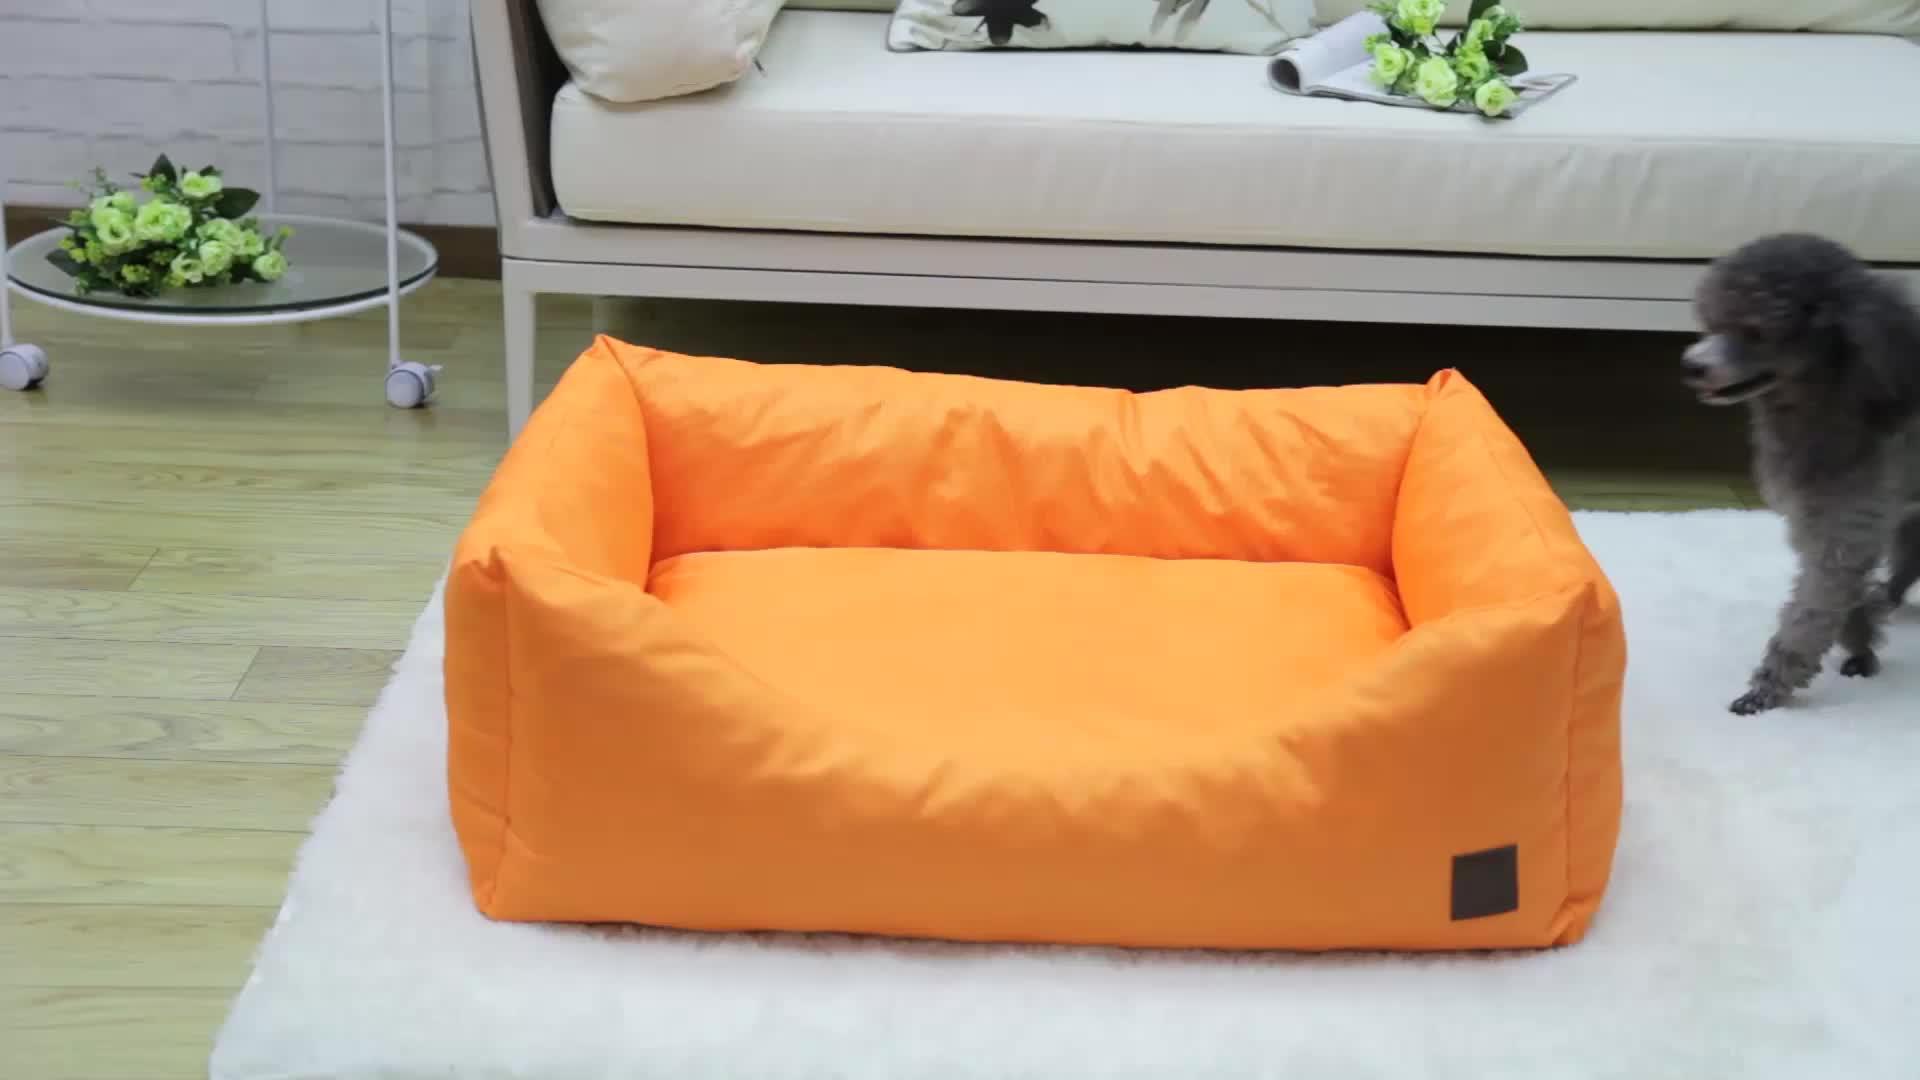 De mimbre cama del perro suave de espuma de memoria cama para perro con desmontable funda lavable